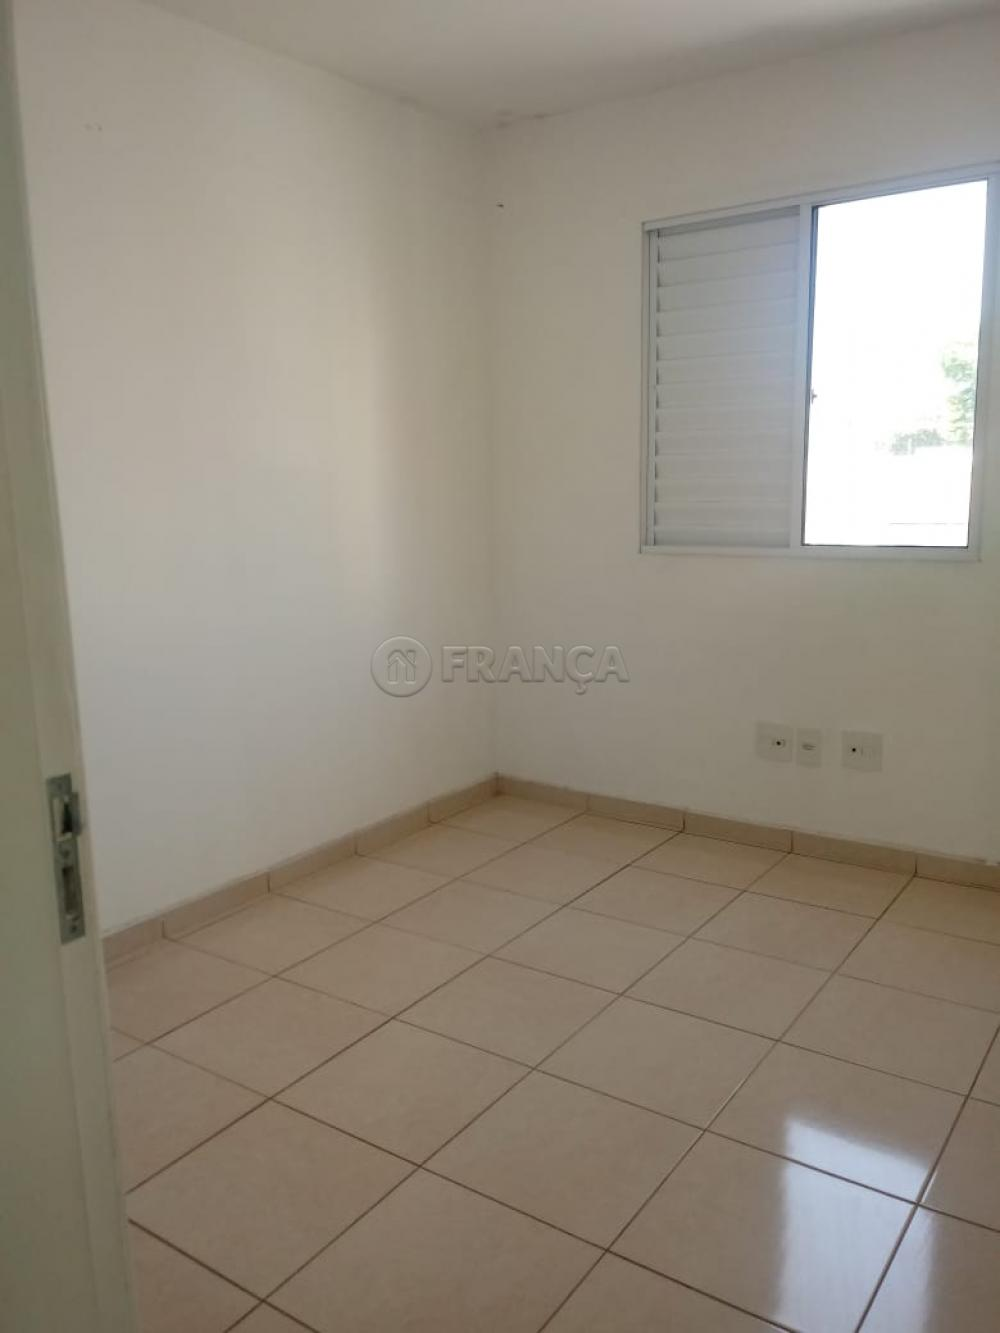 Comprar Apartamento / Padrão em São José dos Campos apenas R$ 202.000,00 - Foto 13